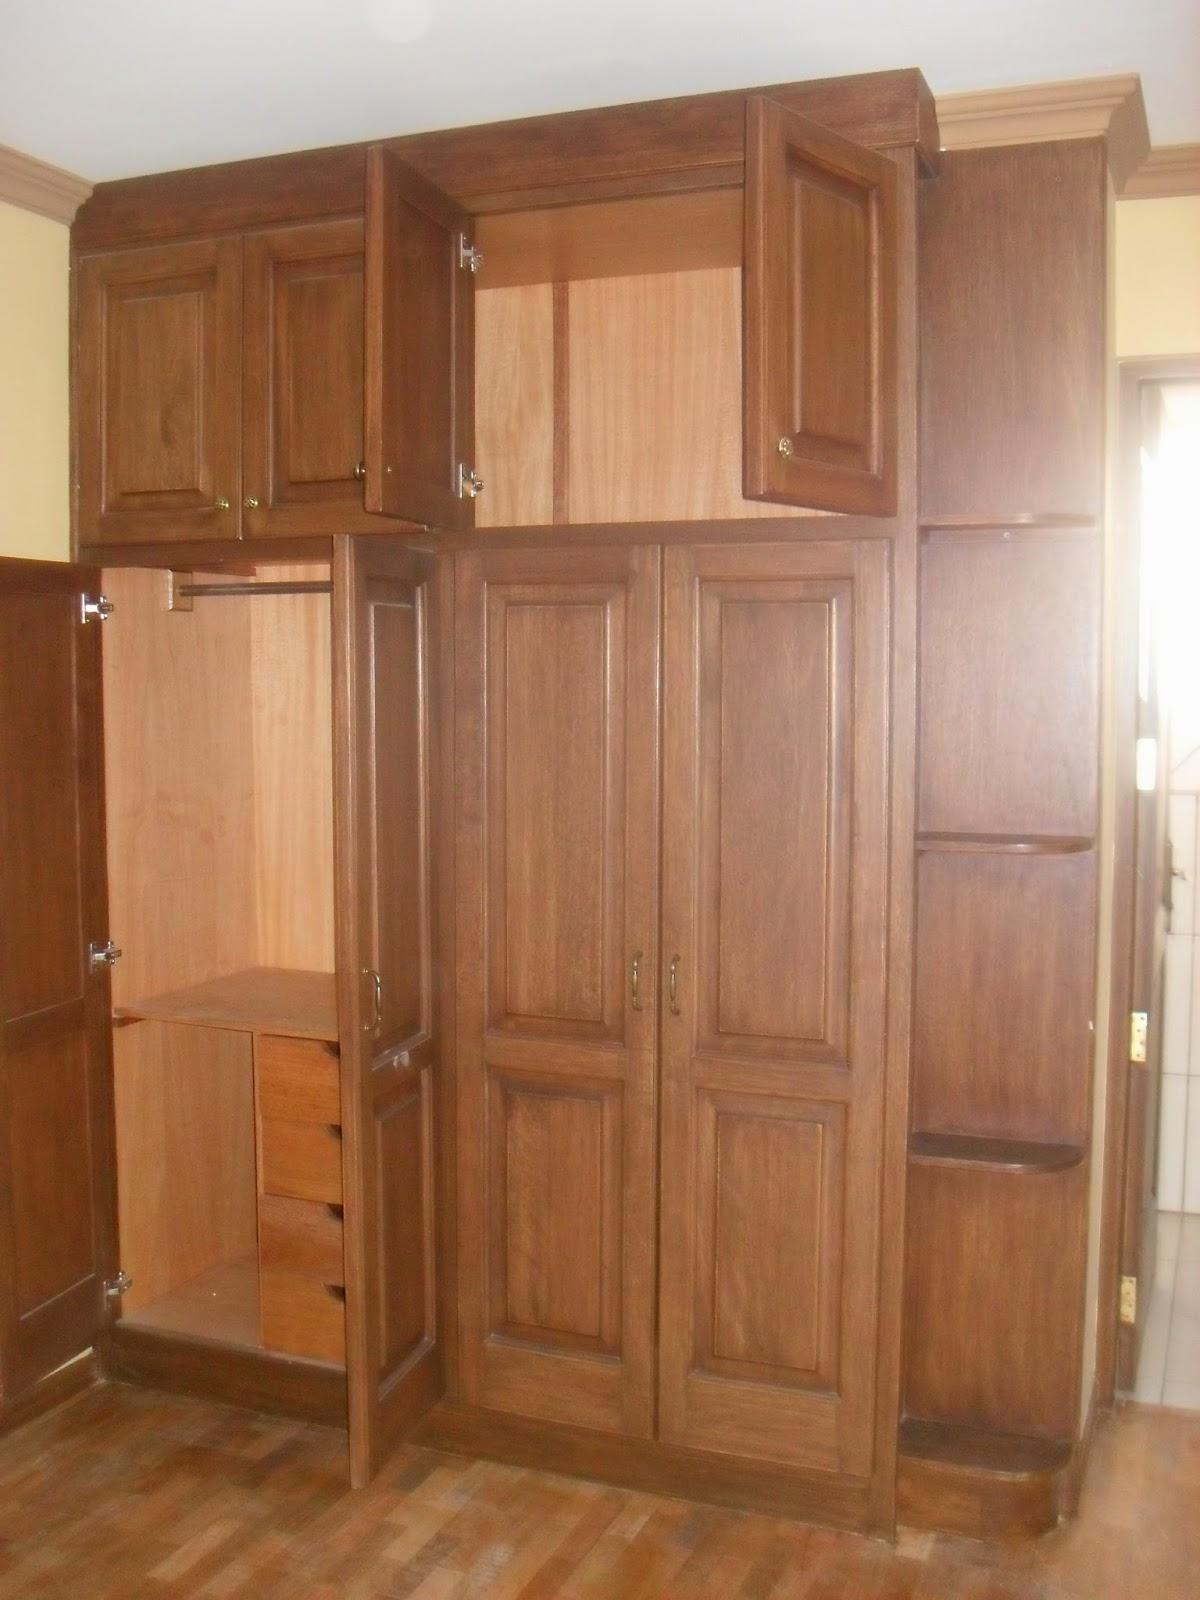 incluye cajonera de baos cocina roperos empotrados en ambos dormitorios